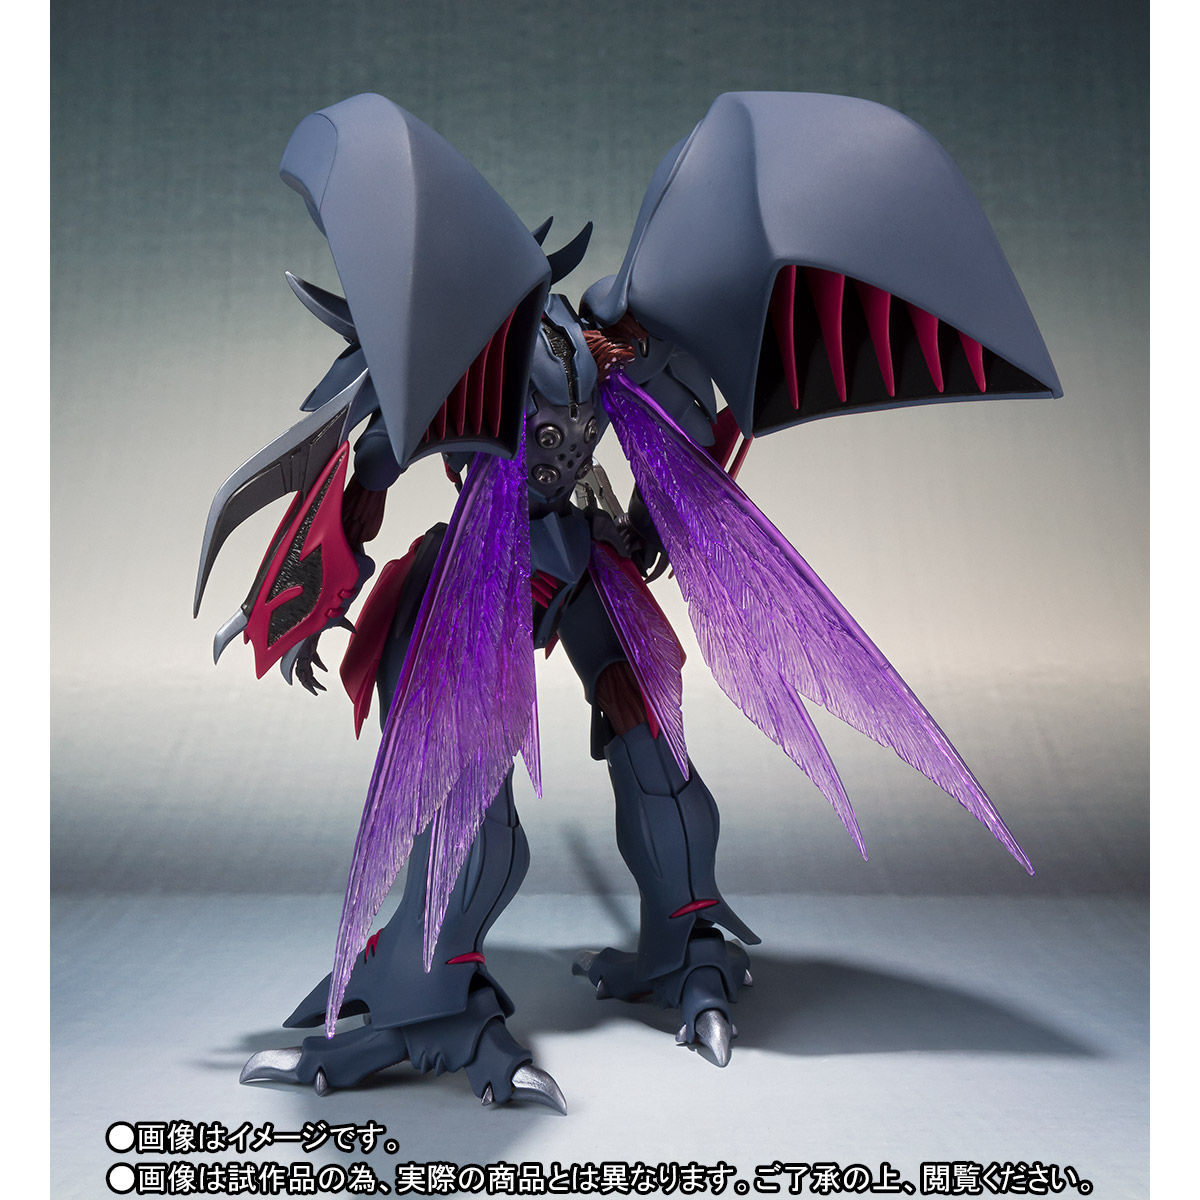 【限定販売】ROBOT魂〈SIDE AB〉『ビアレス(AURA FHANTASM)』ダンダムMSV 可動フィギュア-003